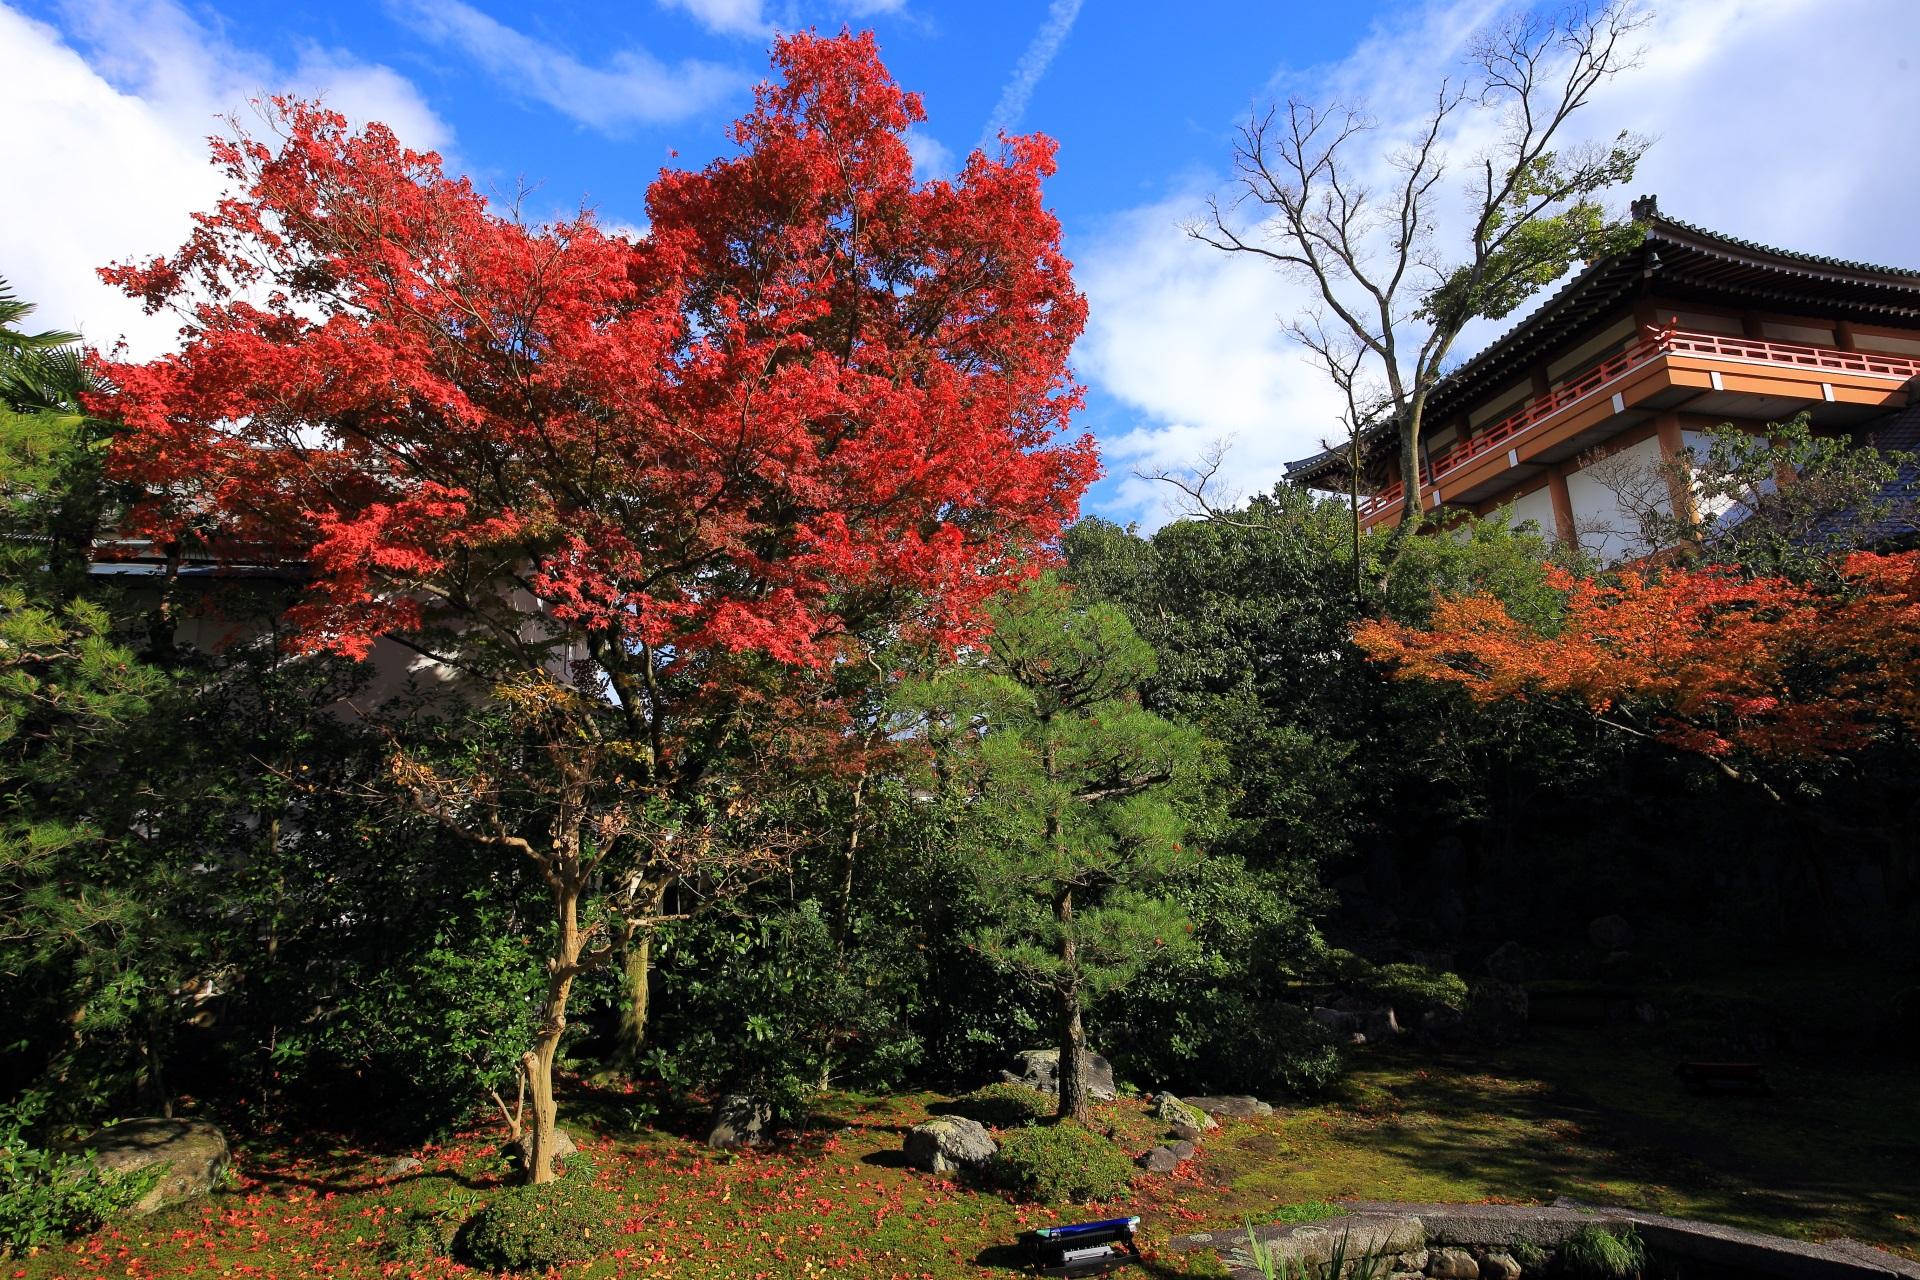 本法寺の太陽に照らされる炎のような輝く赤い紅葉と秋の庭園